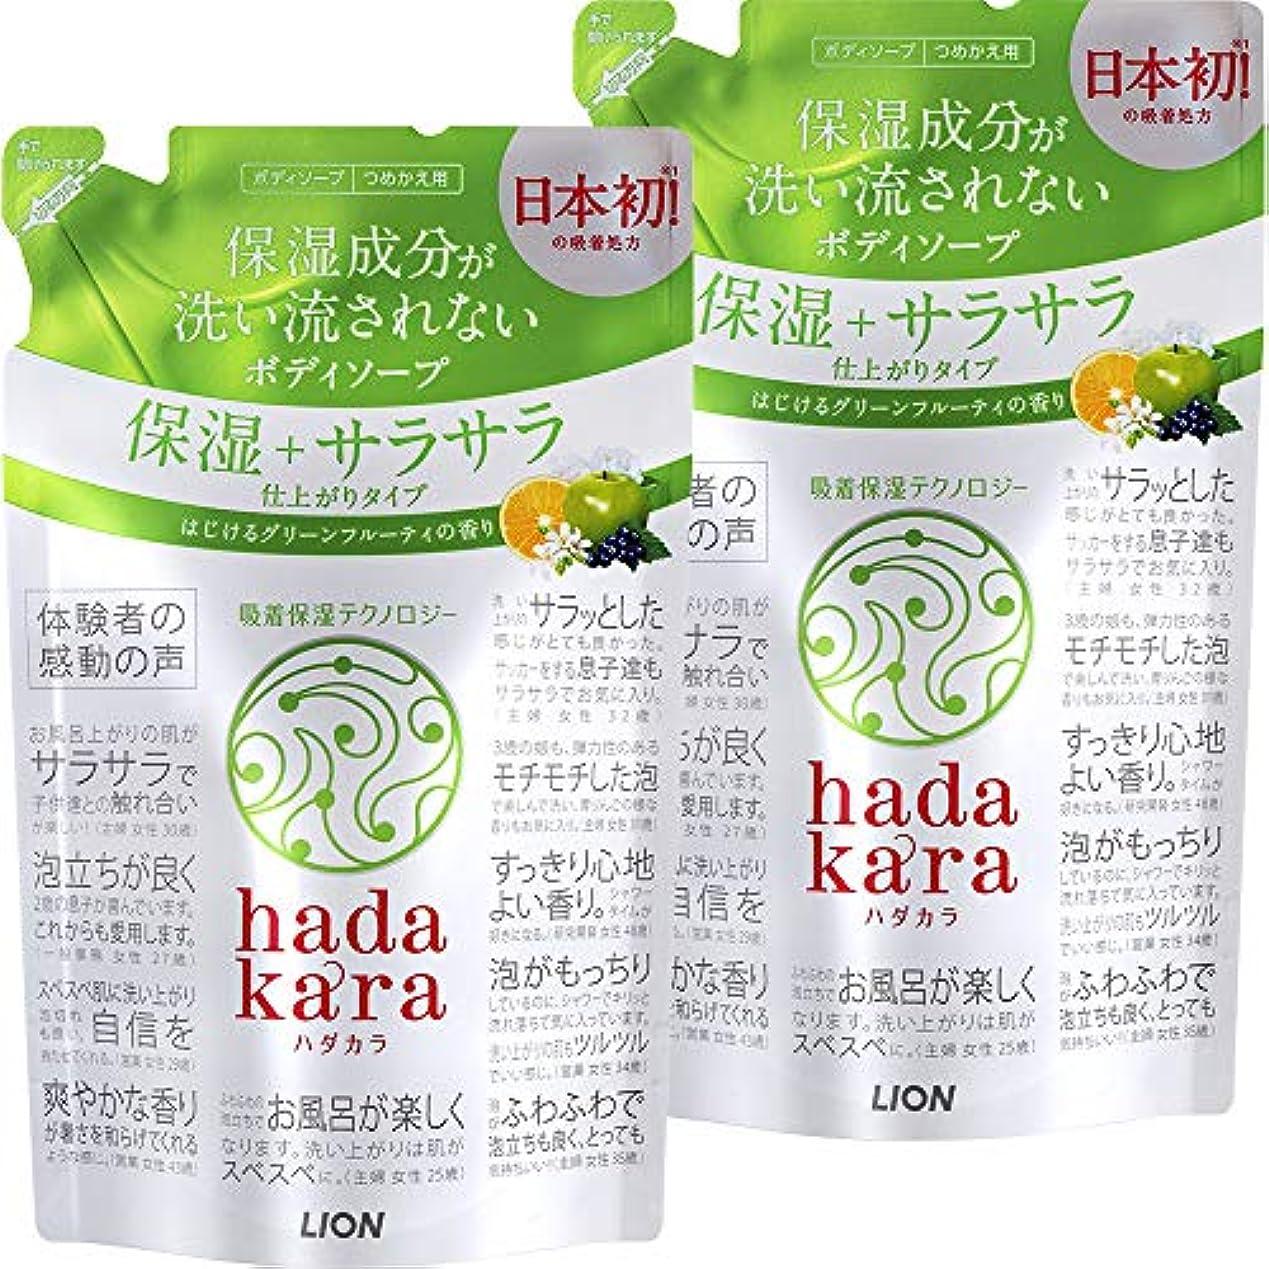 ブリード半ば障害【まとめ買い】hadakara(ハダカラ) ボディソープ 保湿+サラサラ仕上がりタイプ グリーンフルーティの香り 詰め替え 340ml×2個パック